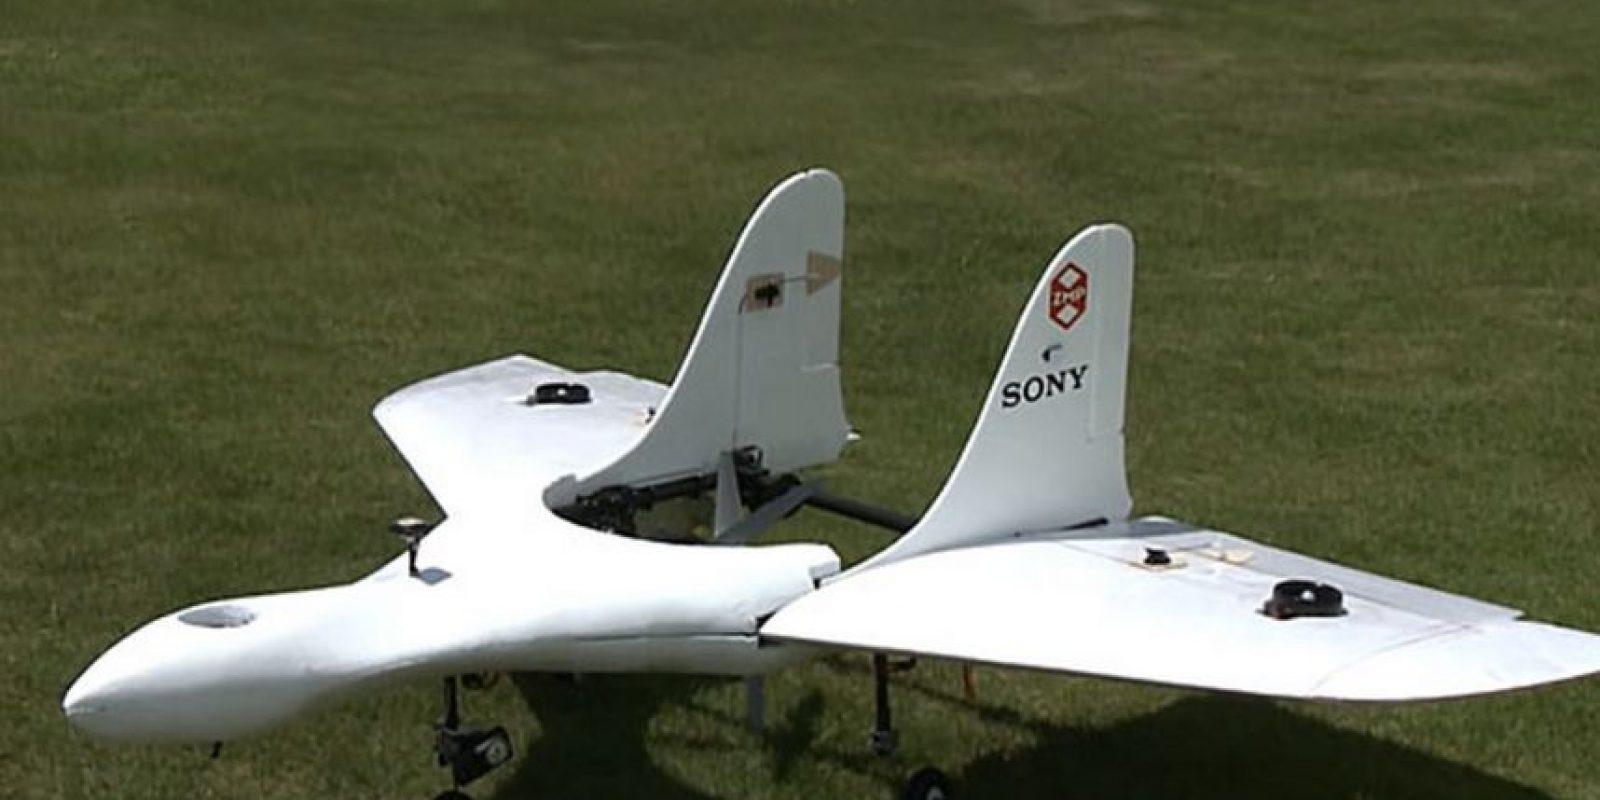 Así luce el nuevo drone de la empresa japonesa Foto:Sony